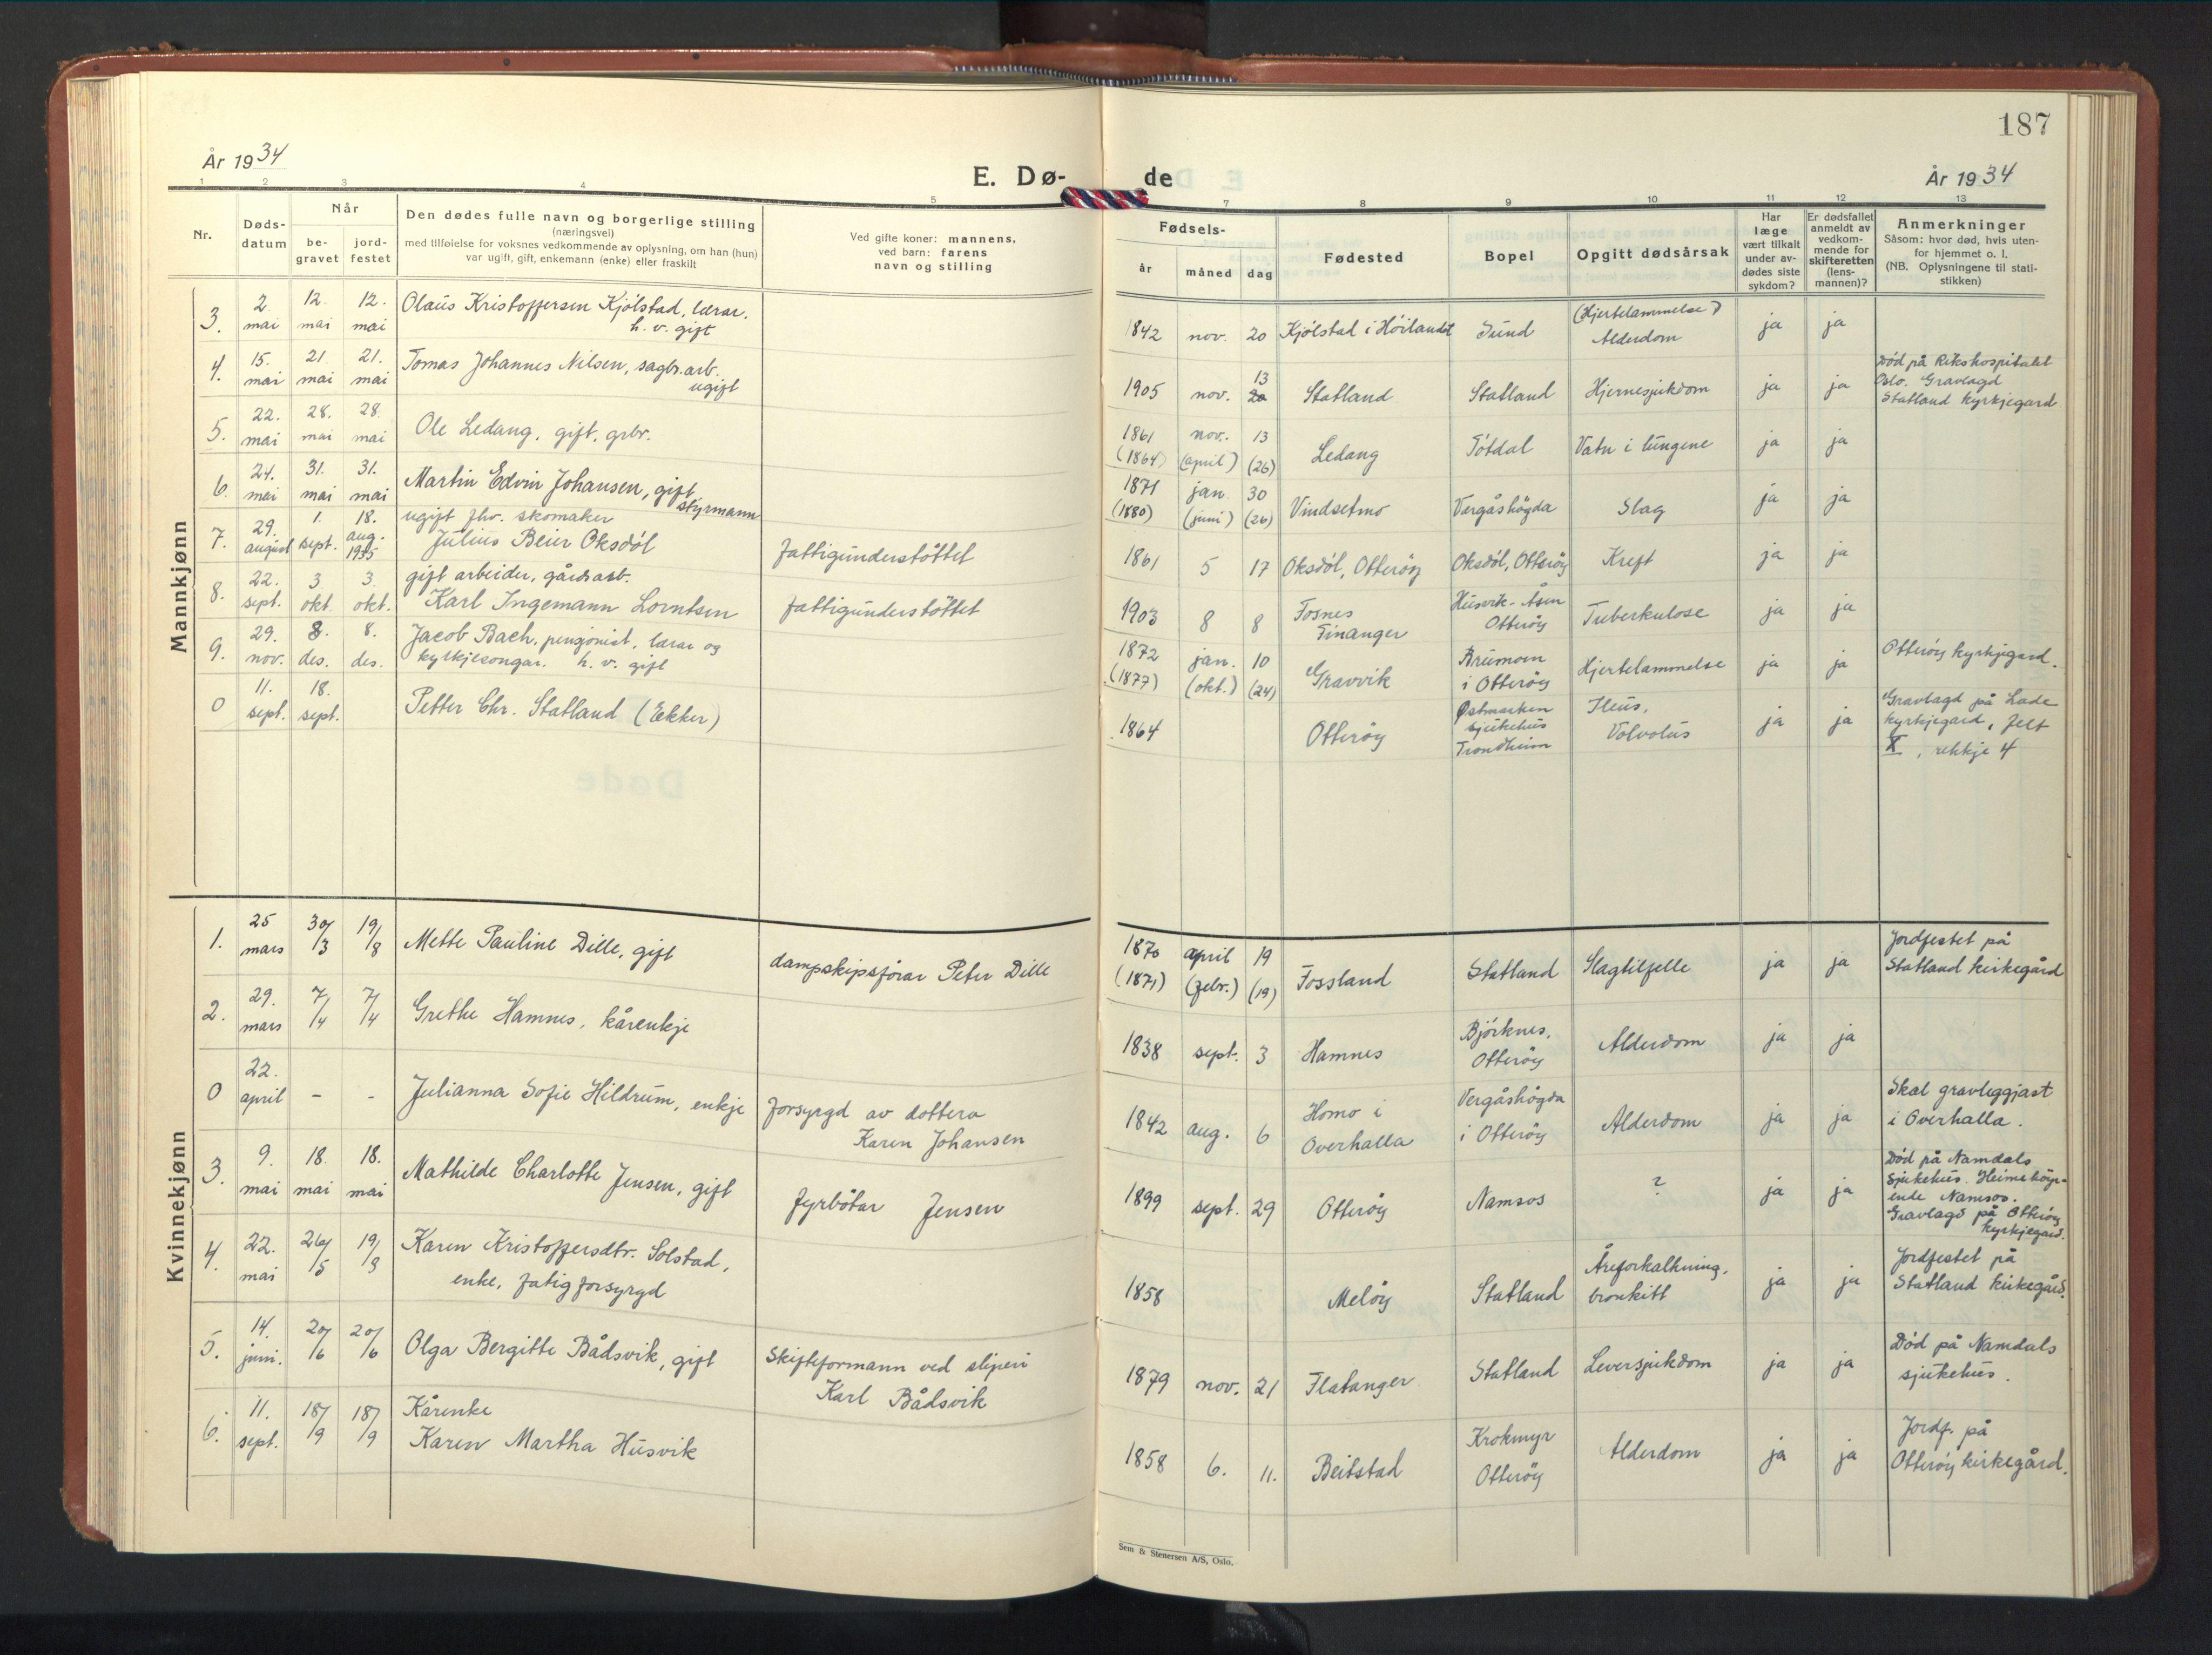 SAT, Ministerialprotokoller, klokkerbøker og fødselsregistre - Nord-Trøndelag, 774/L0631: Klokkerbok nr. 774C02, 1934-1950, s. 187